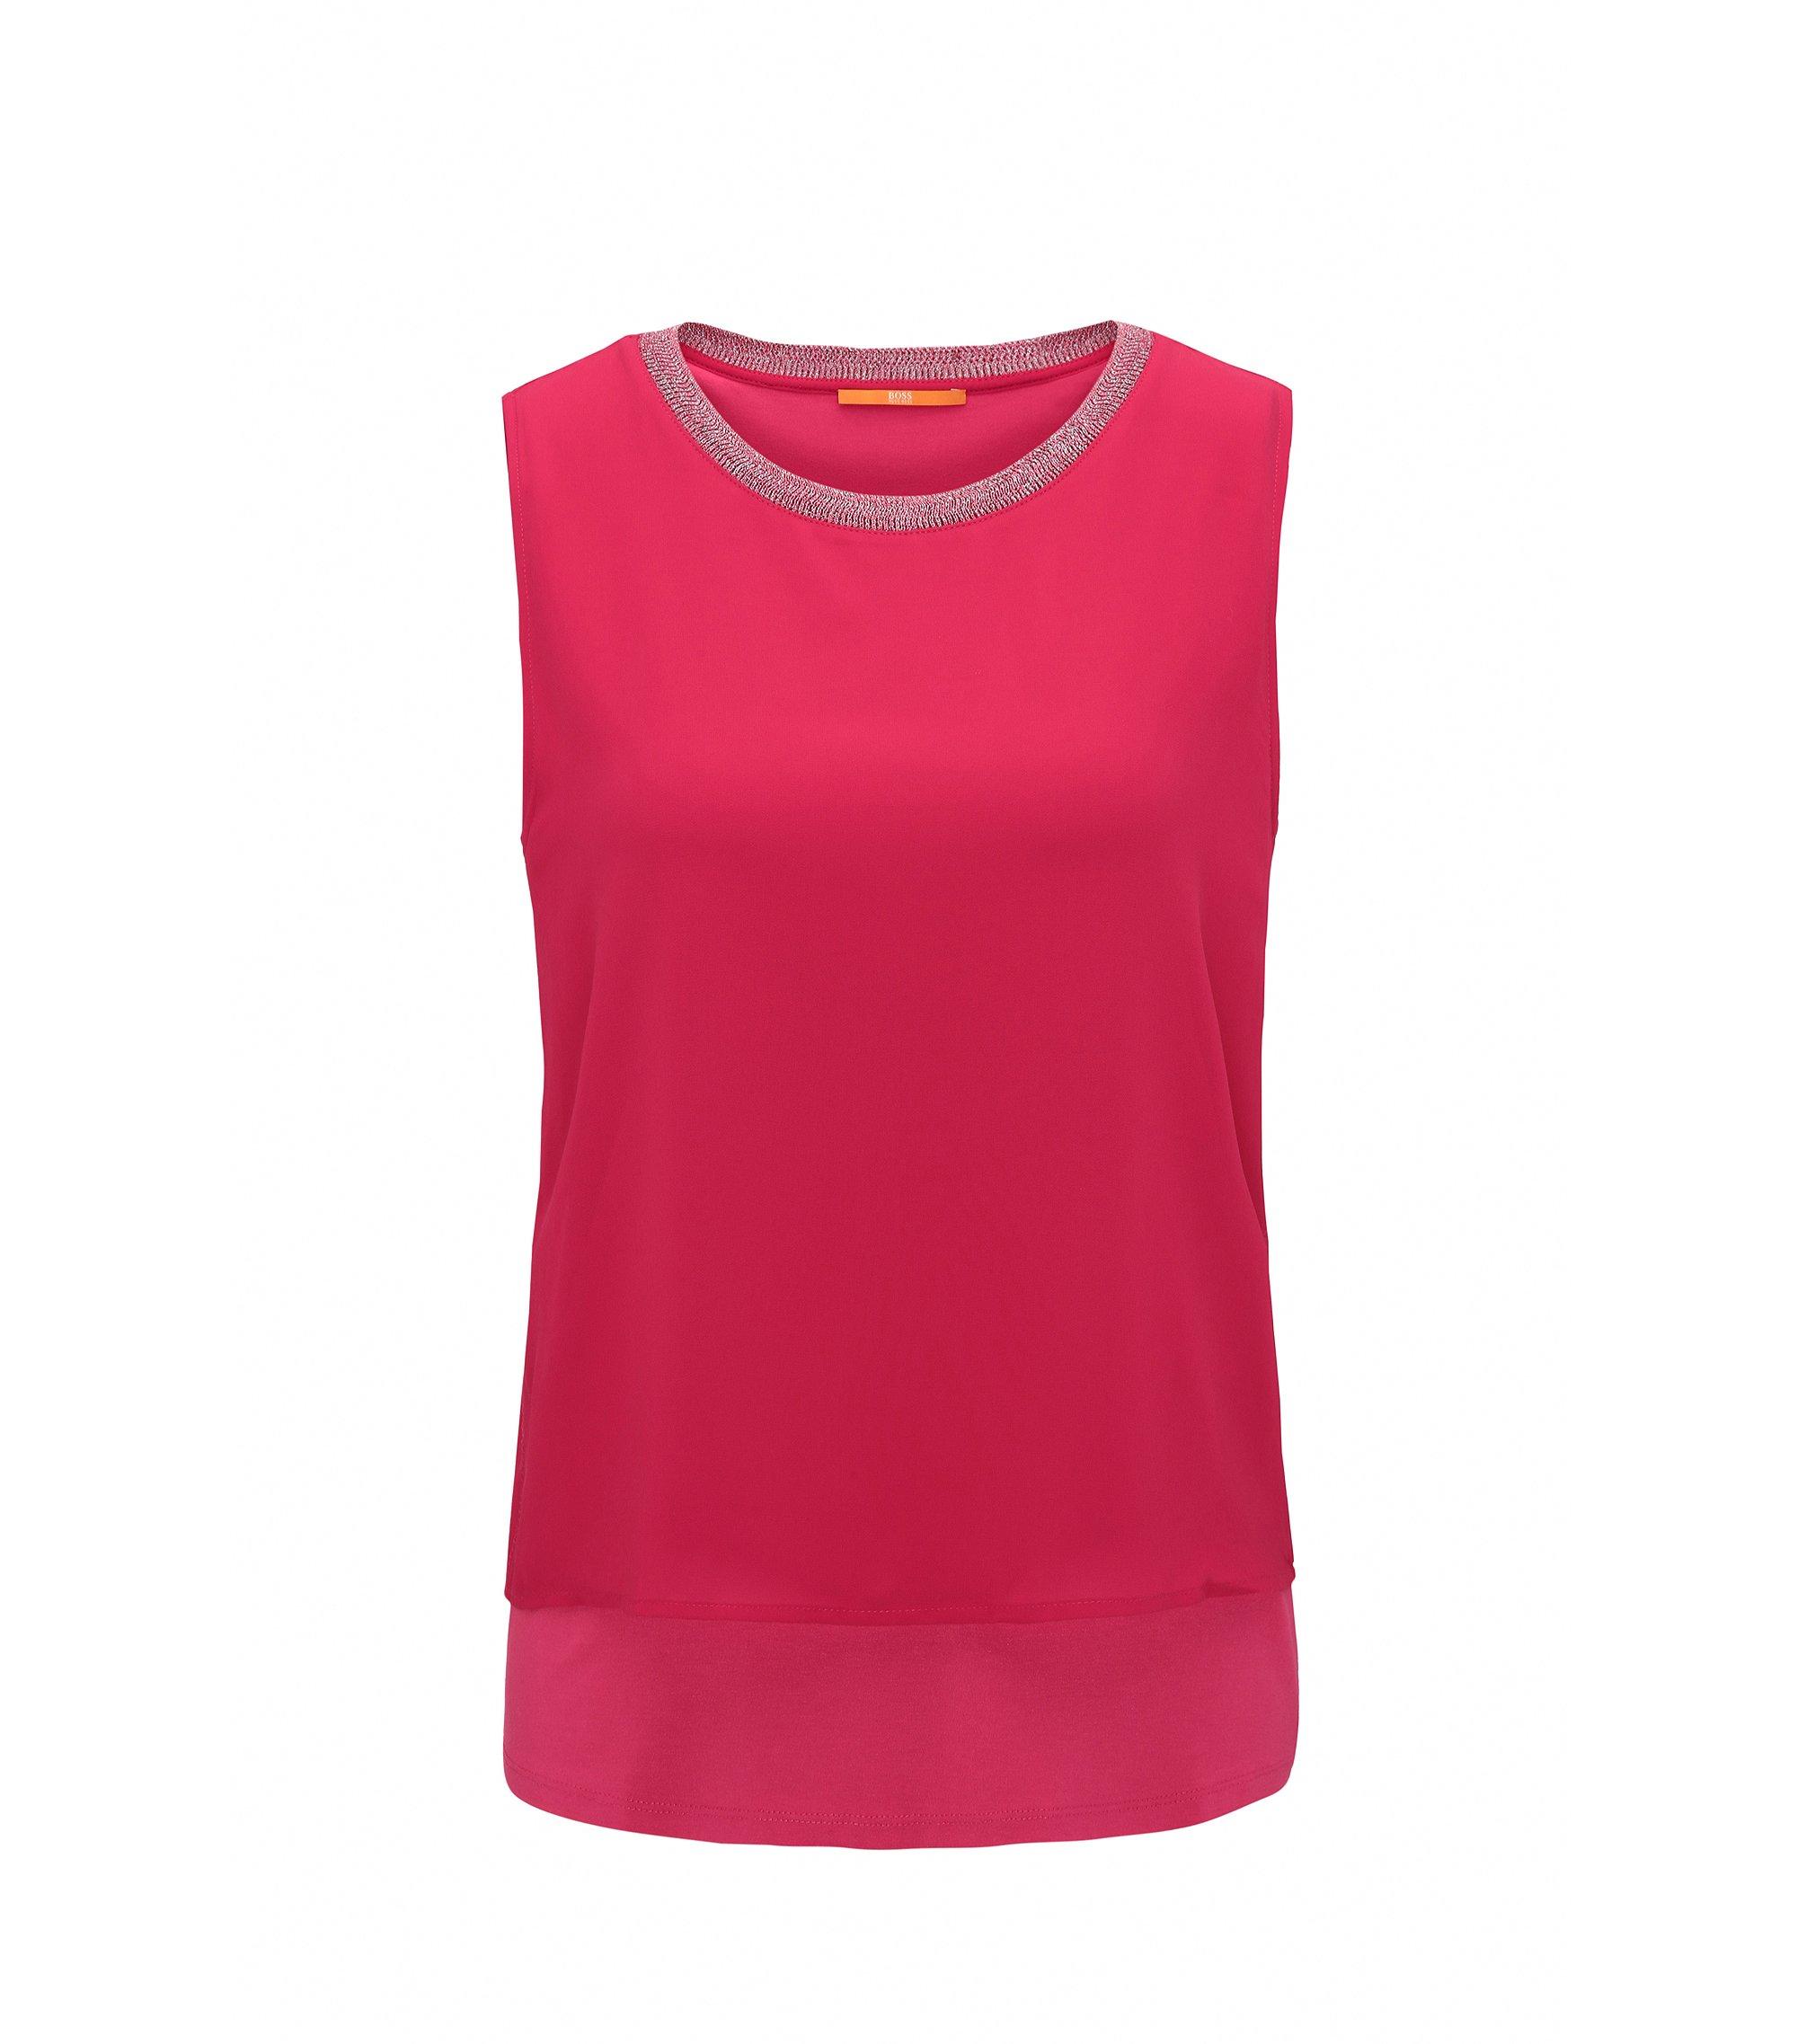 Top senza maniche regular fit in jersey elasticizzato, Rosa